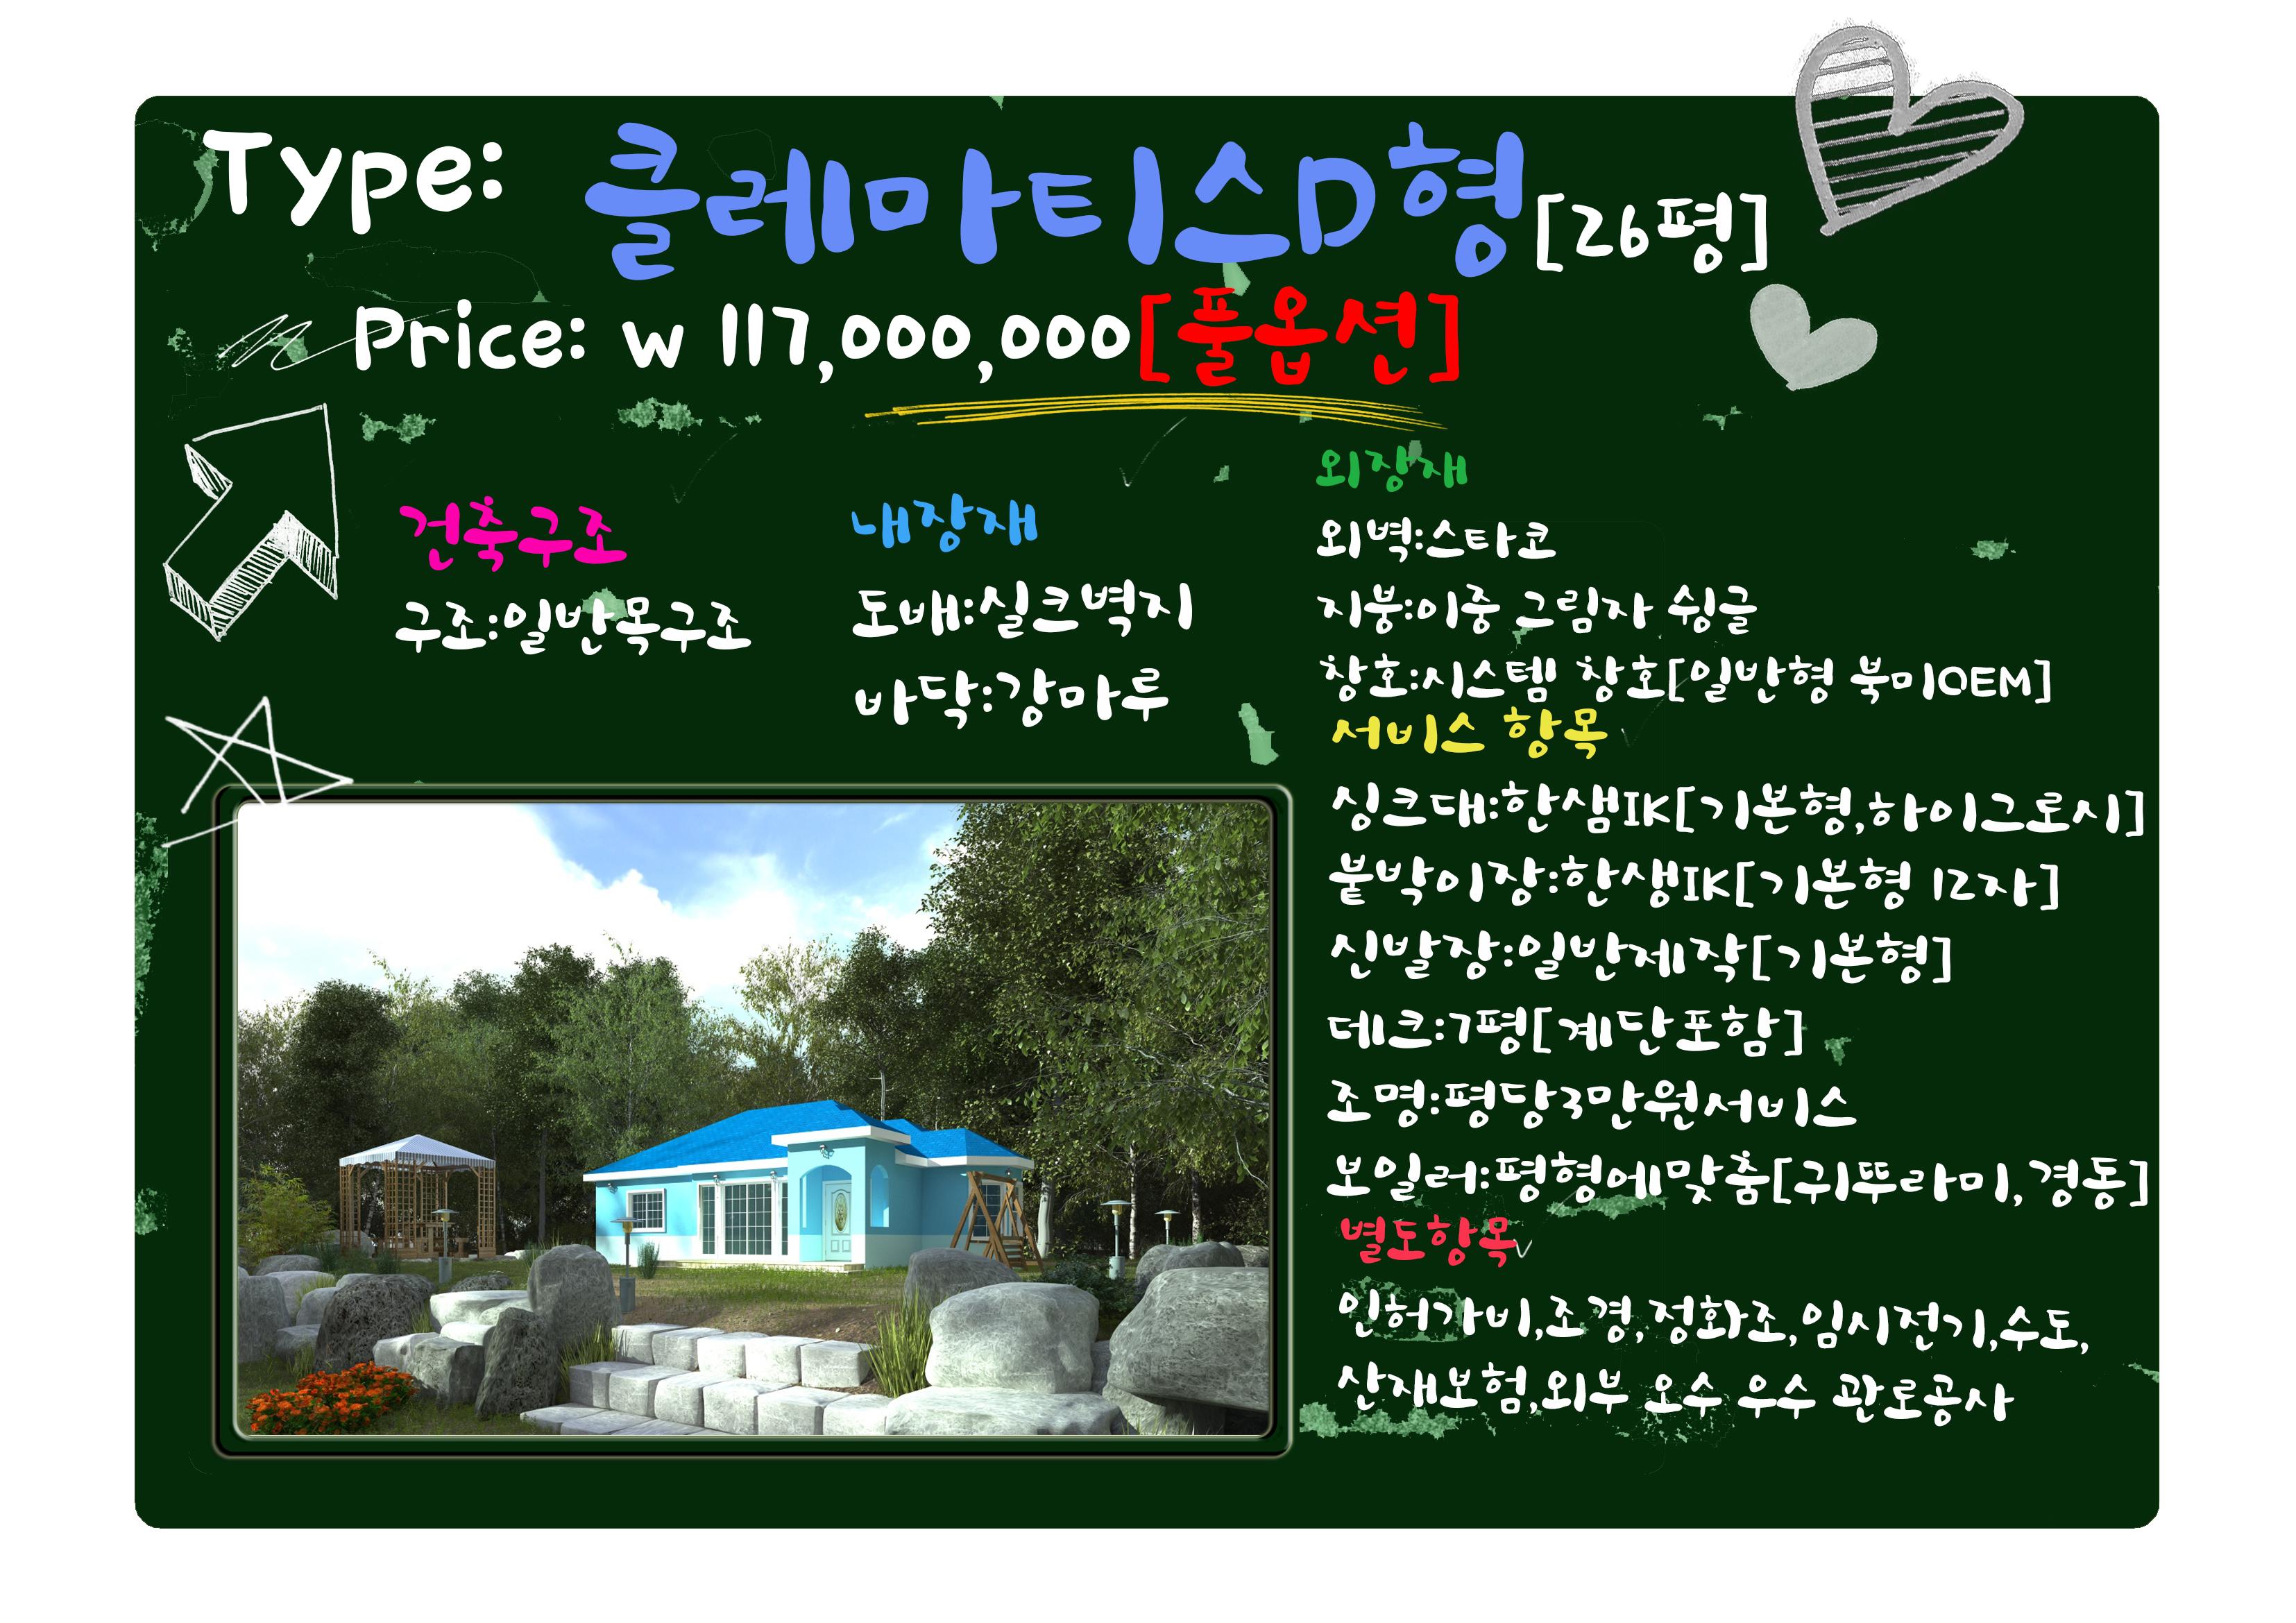 14.12.04 엔젤하우징 26PY - D Type (김대호 수정) 상품 설명.jpg